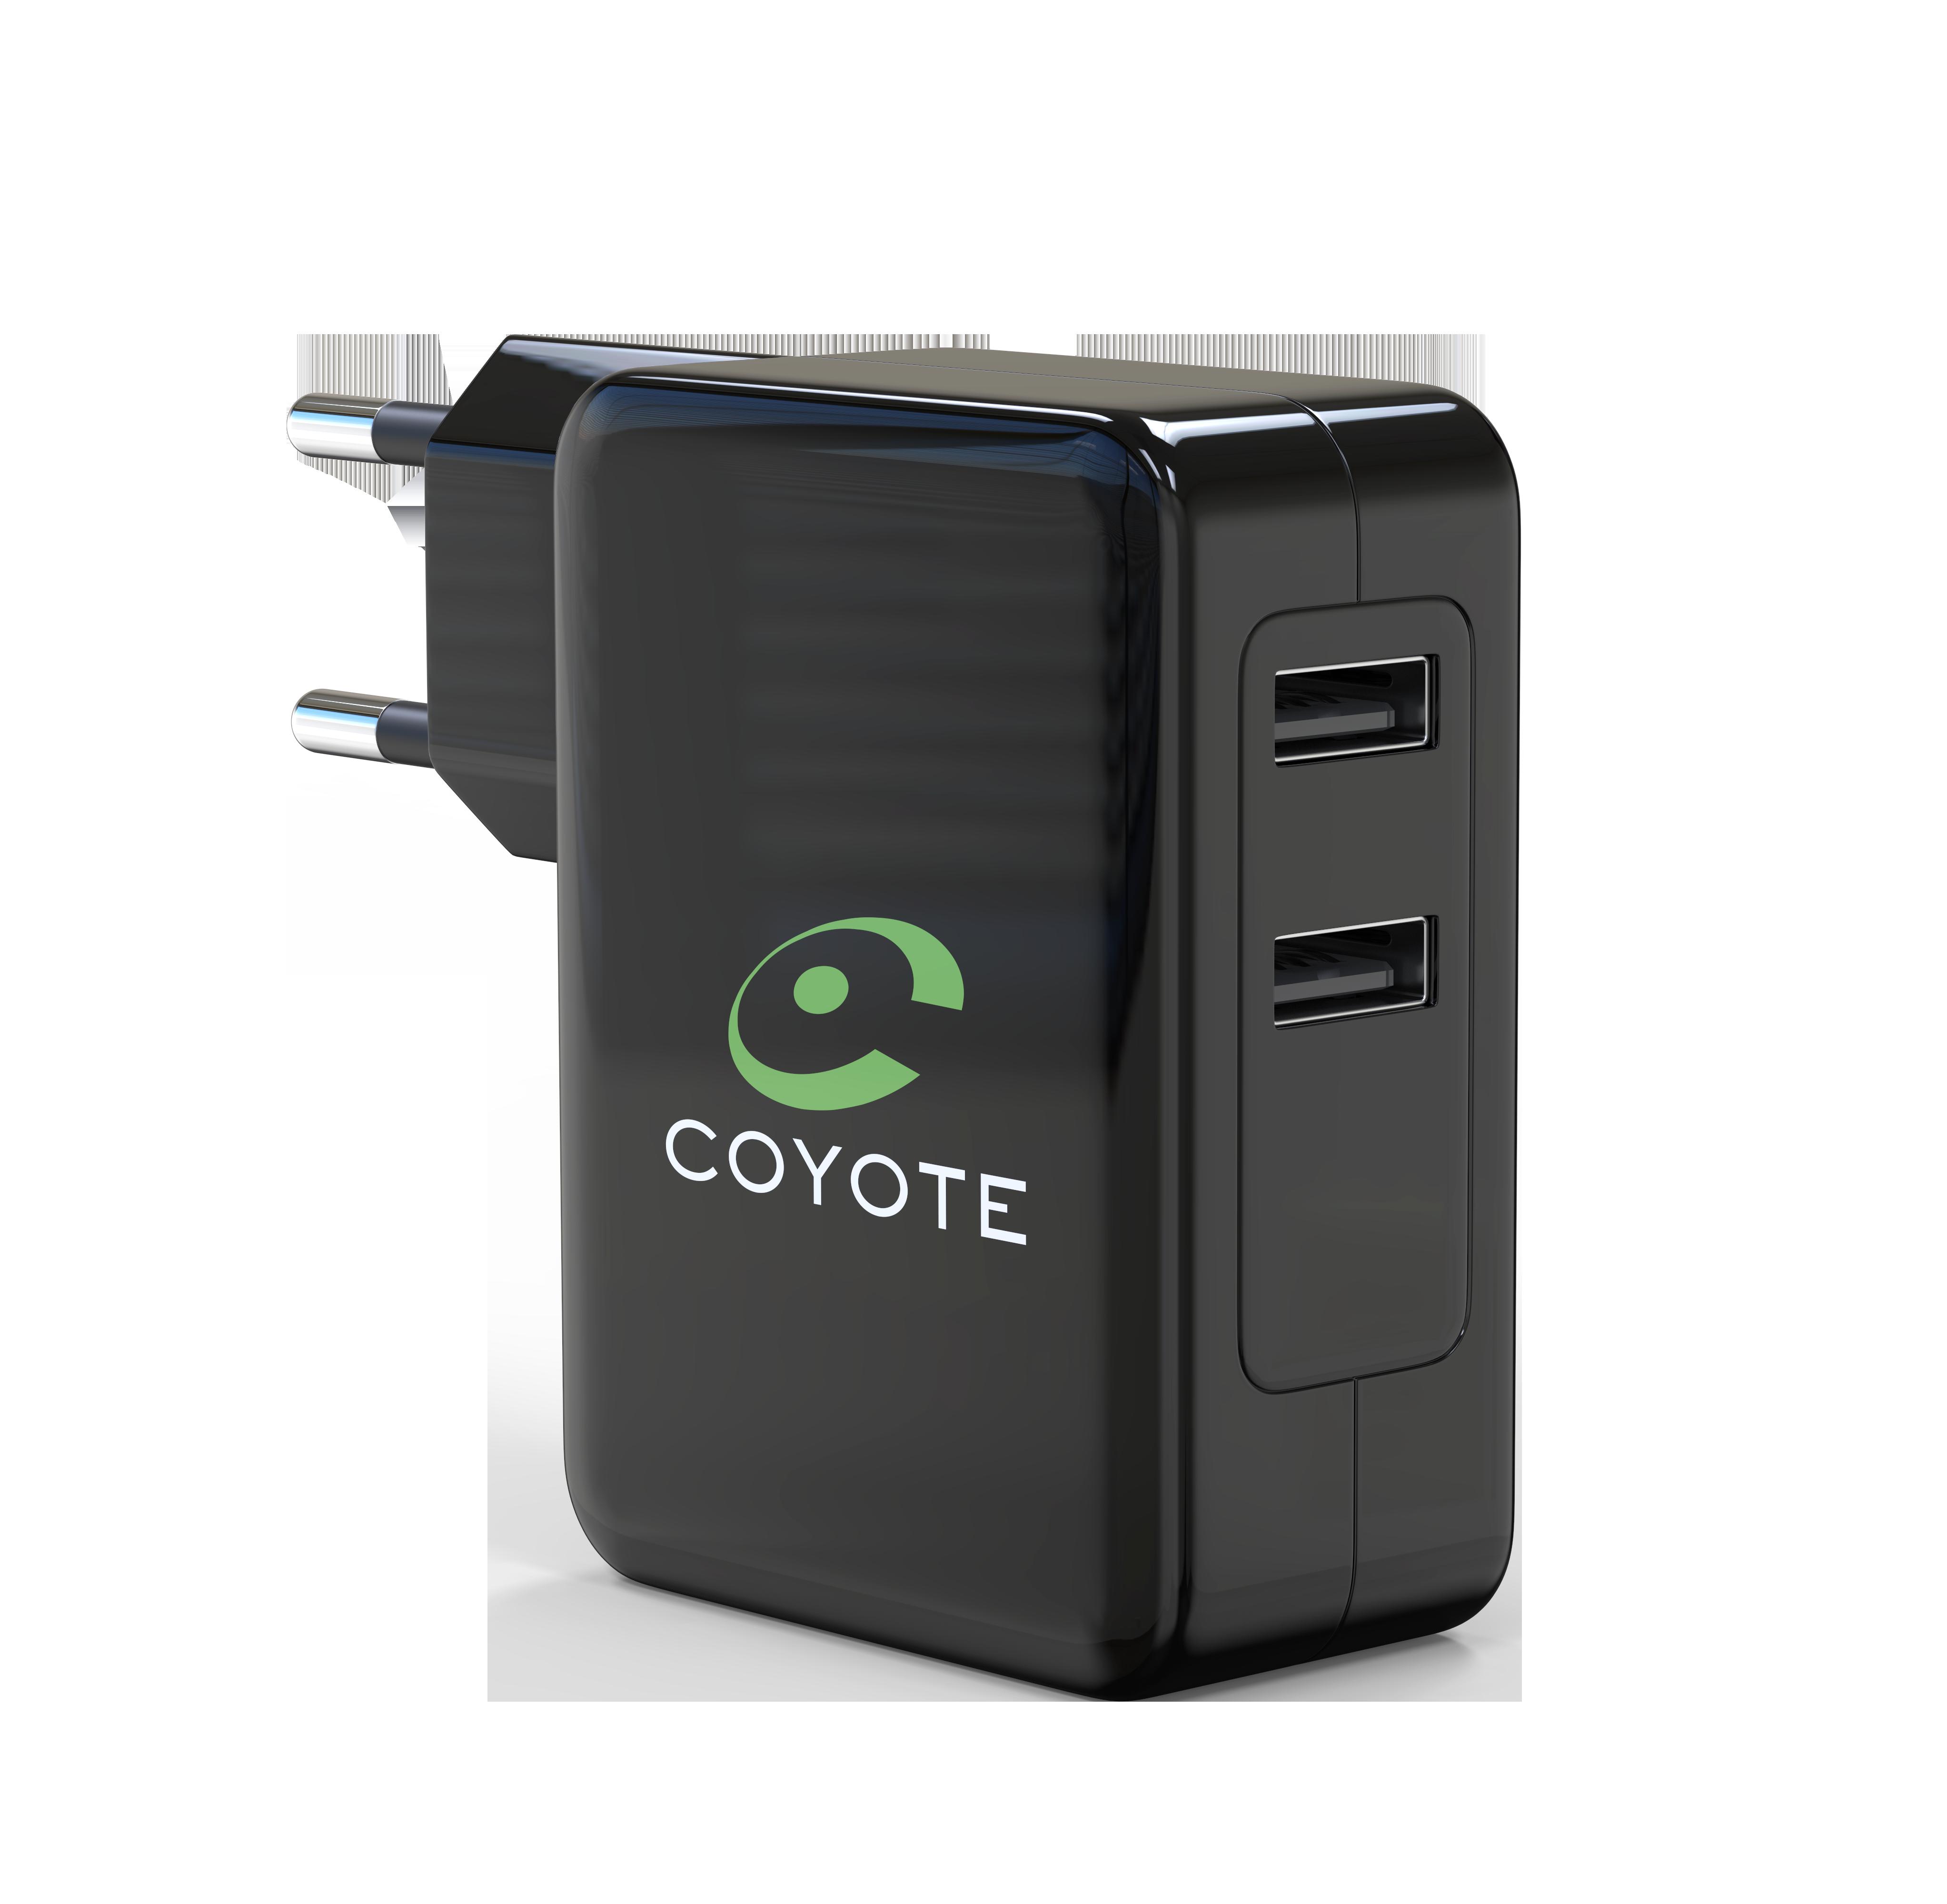 het coyote mini waarschuwingssysteem meldingen verkeersinformatie snelheidsbeperkingen in. Black Bedroom Furniture Sets. Home Design Ideas